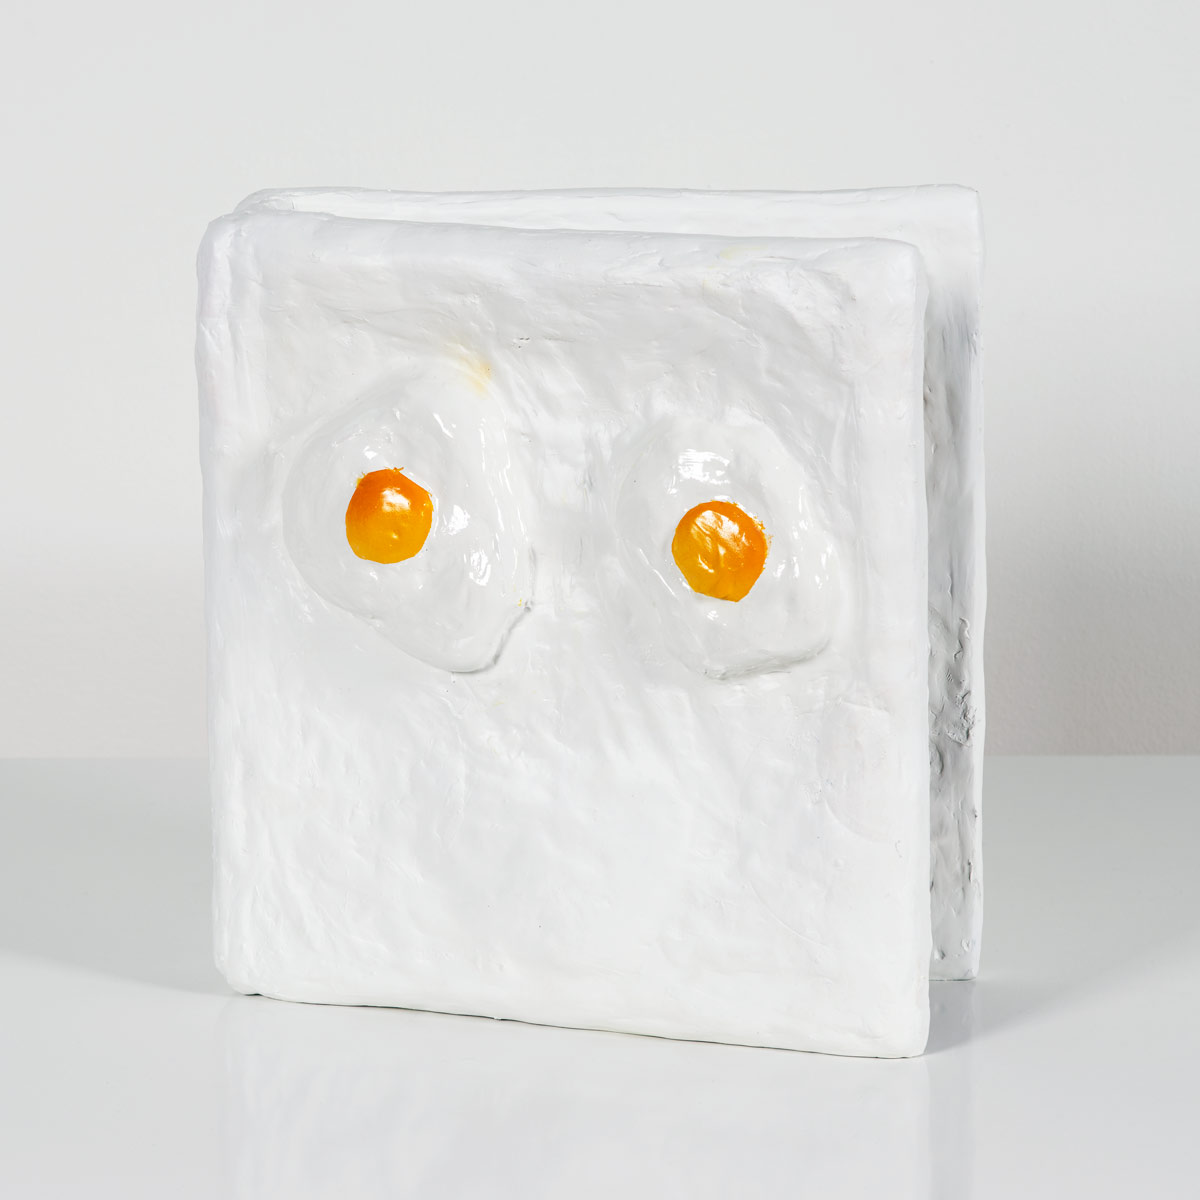 Annelies-Kamen-Wir-Wollen-Spass-Haben-Eggs-1.jpg